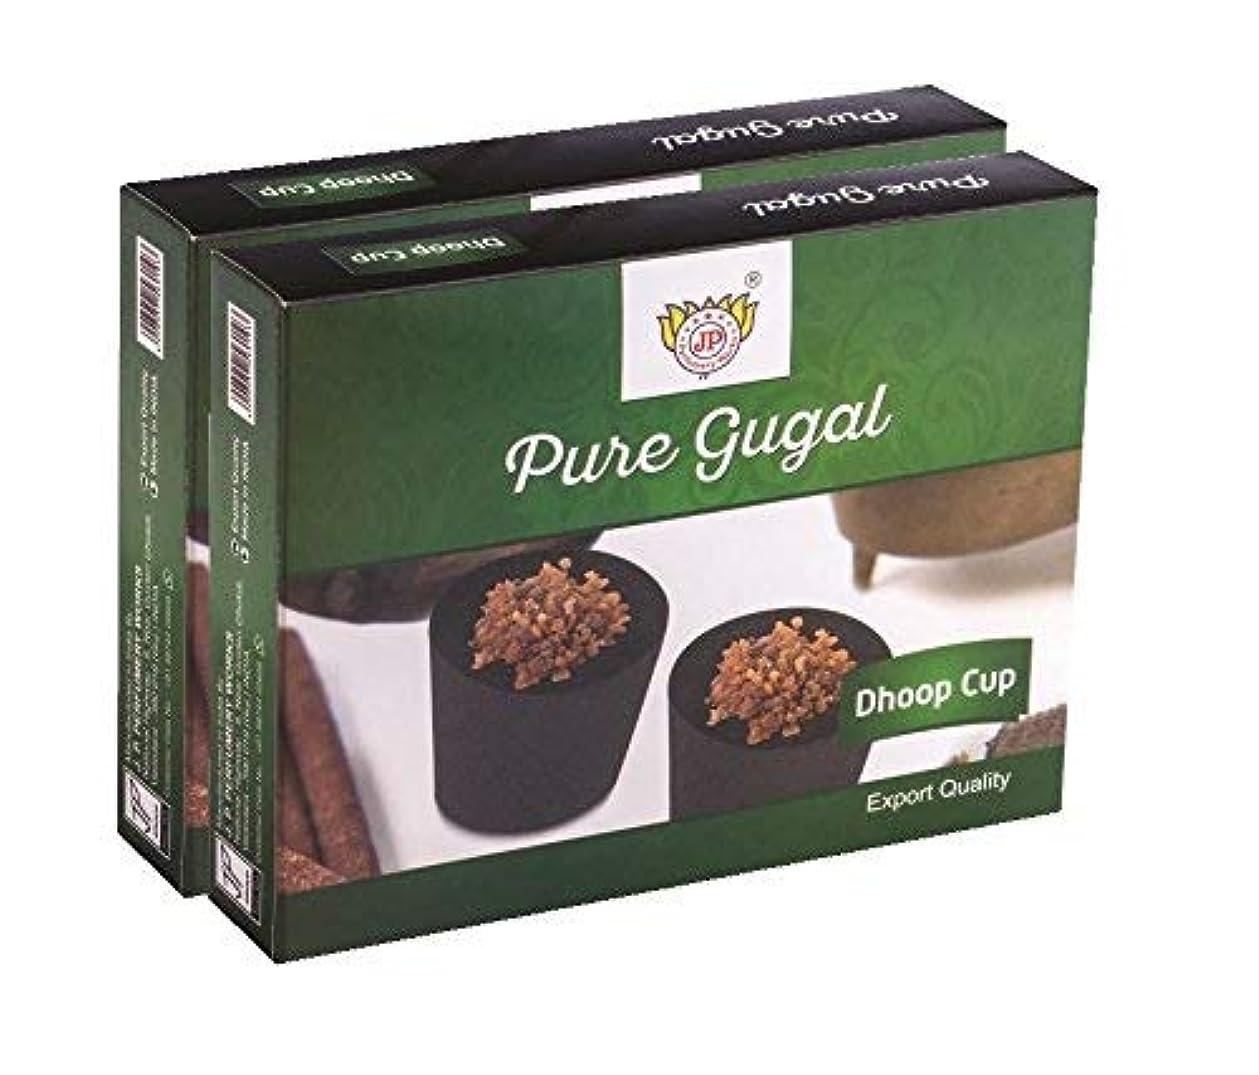 計画的繁殖肩をすくめるJ.P.Perfumery Works Rosewood Gugal Dhoop Cup (2 Packet)